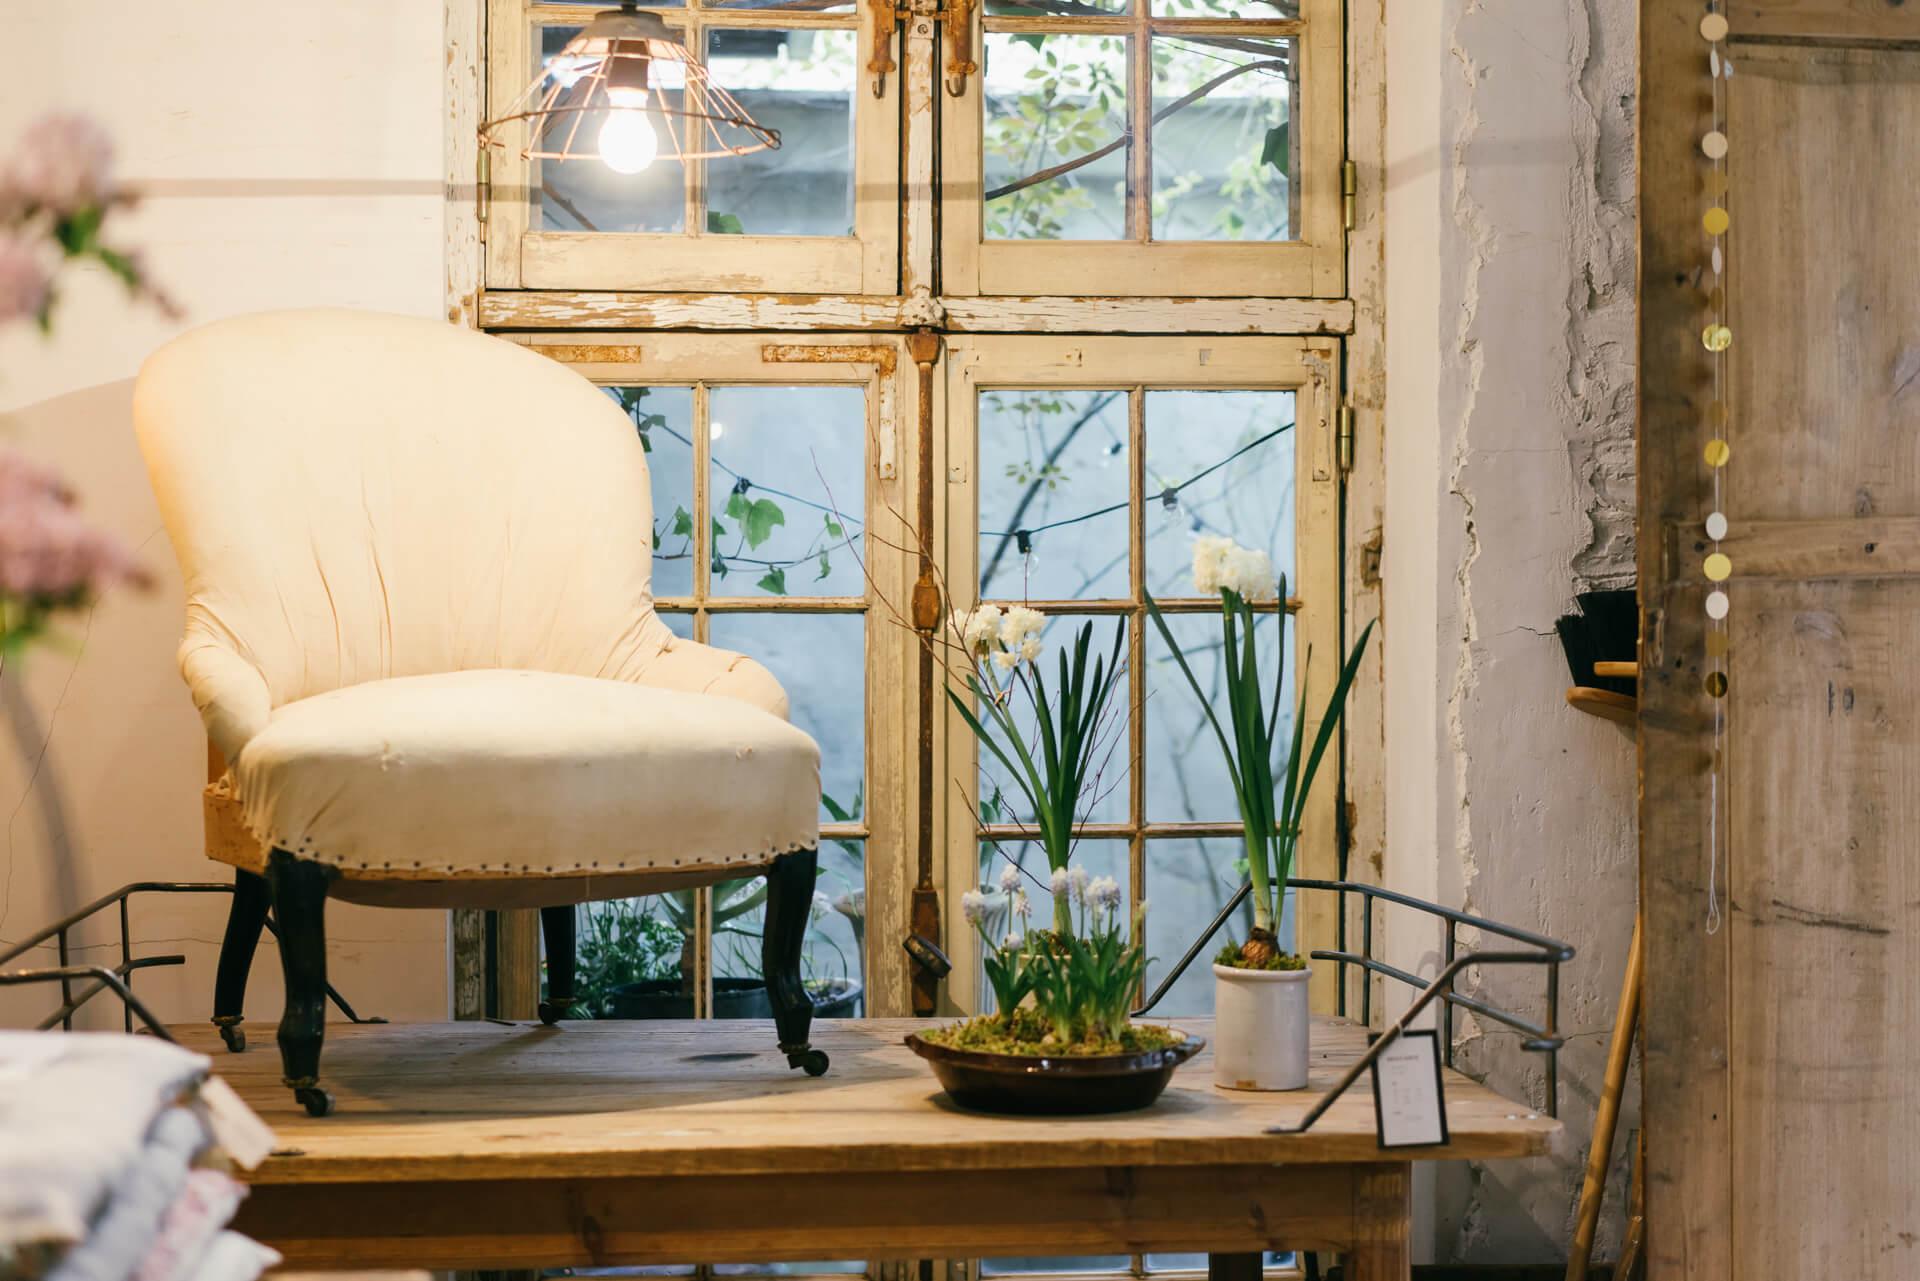 作業台として作られた大きな木のテーブルに並んだ植物。店内のドアや窓も、アンティークのものにあわせて作られています。ところどころ剥げたペンキがシャビーな雰囲気。